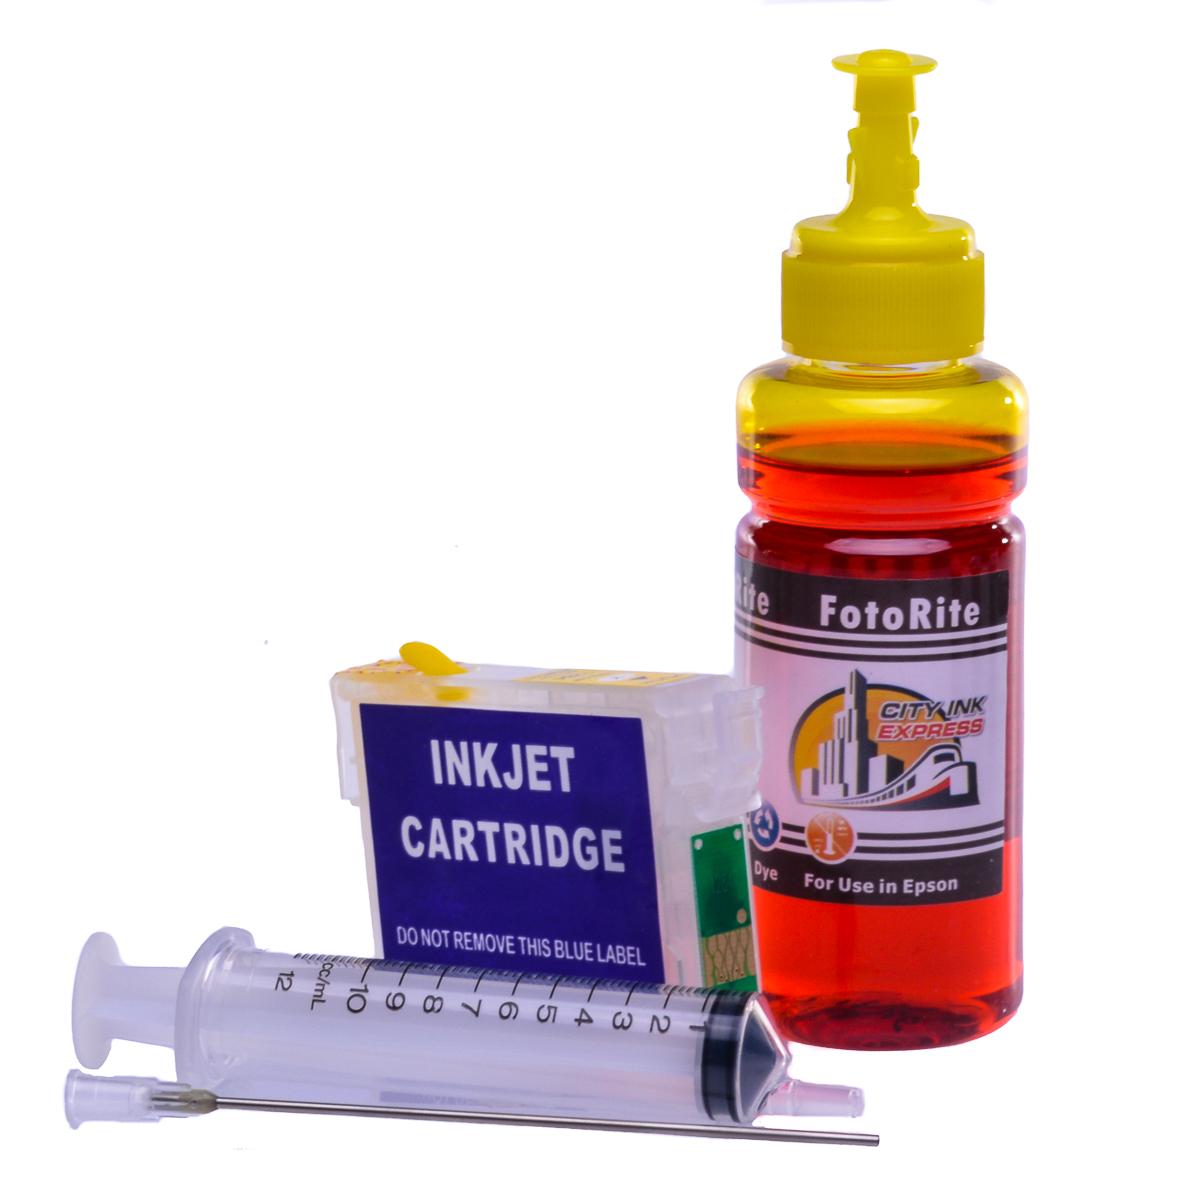 Refillable T1814 Yellow Cheap printer cartridges for Epson XP-402 C13T18144010 dye ink